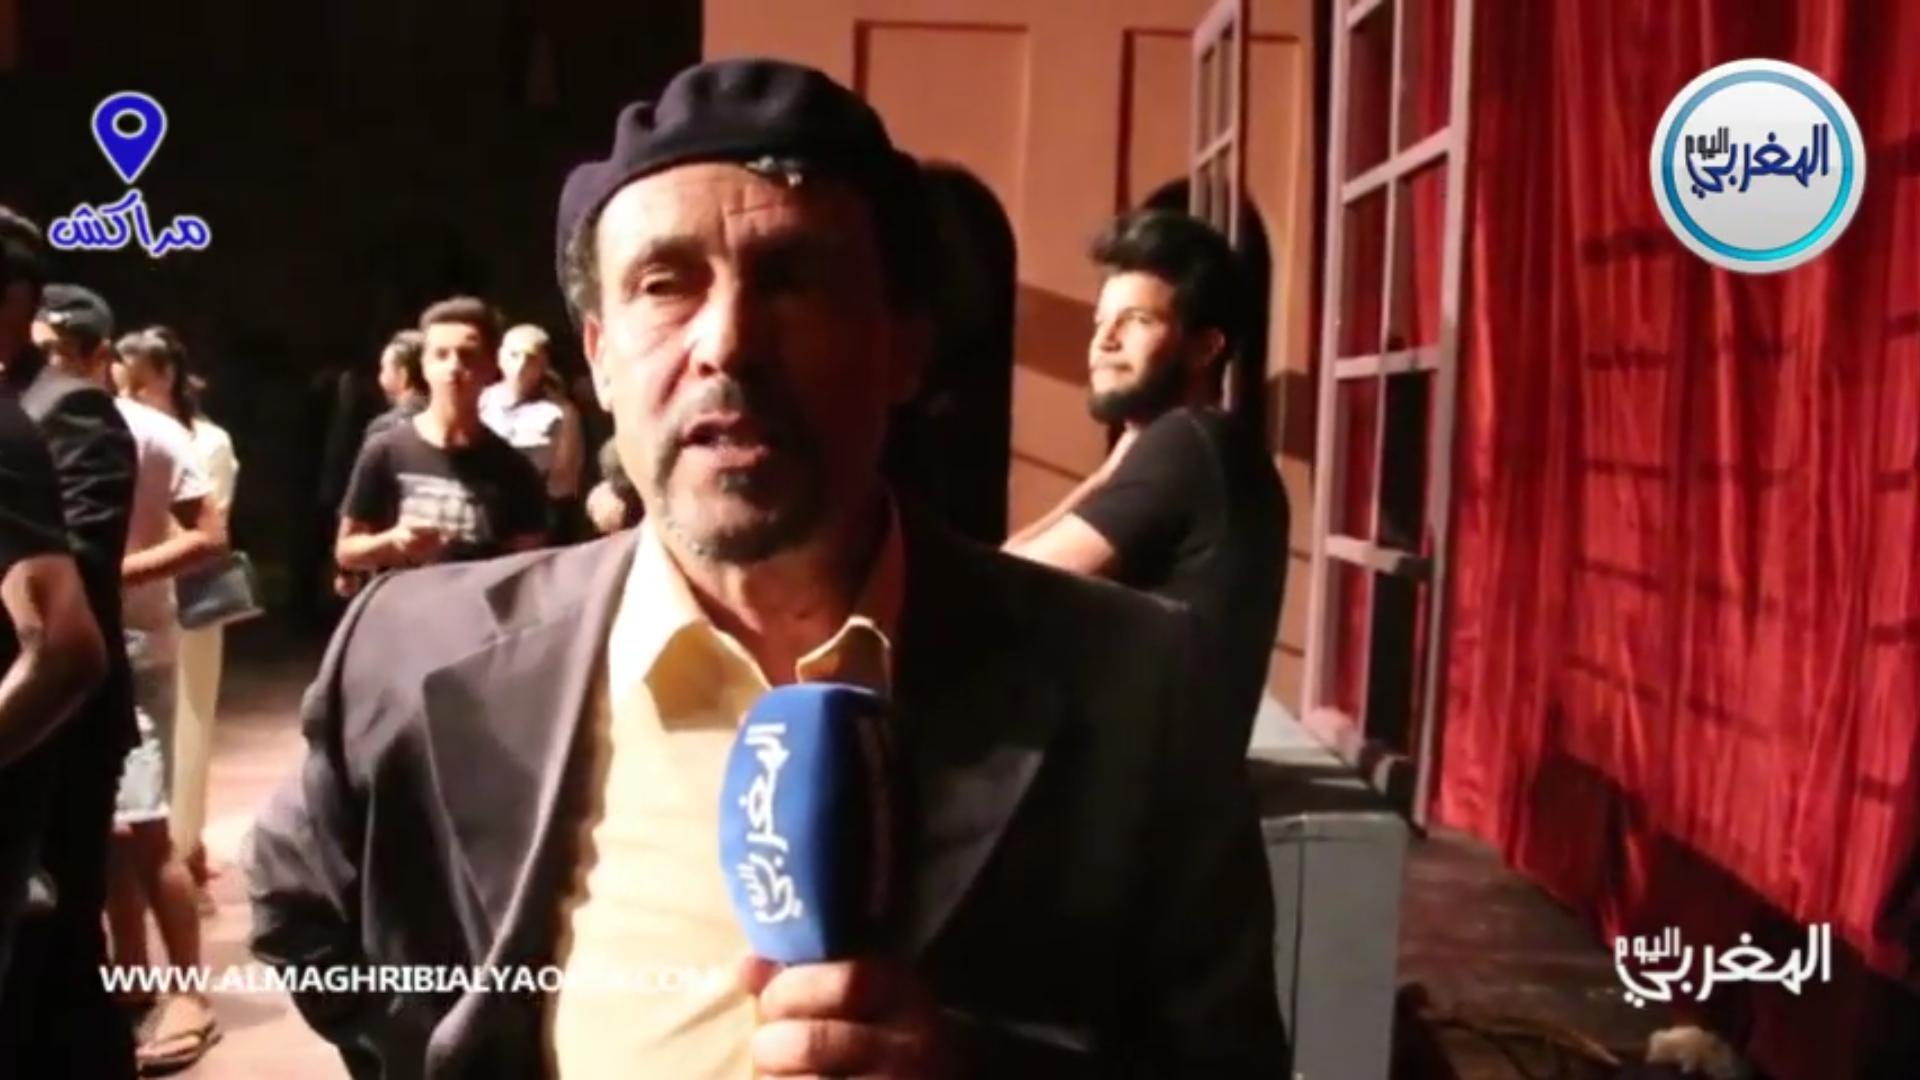 بالفيديو… الممثل بنعيسى الجيراري يدخل على الجدل حول المساواة في الإرث